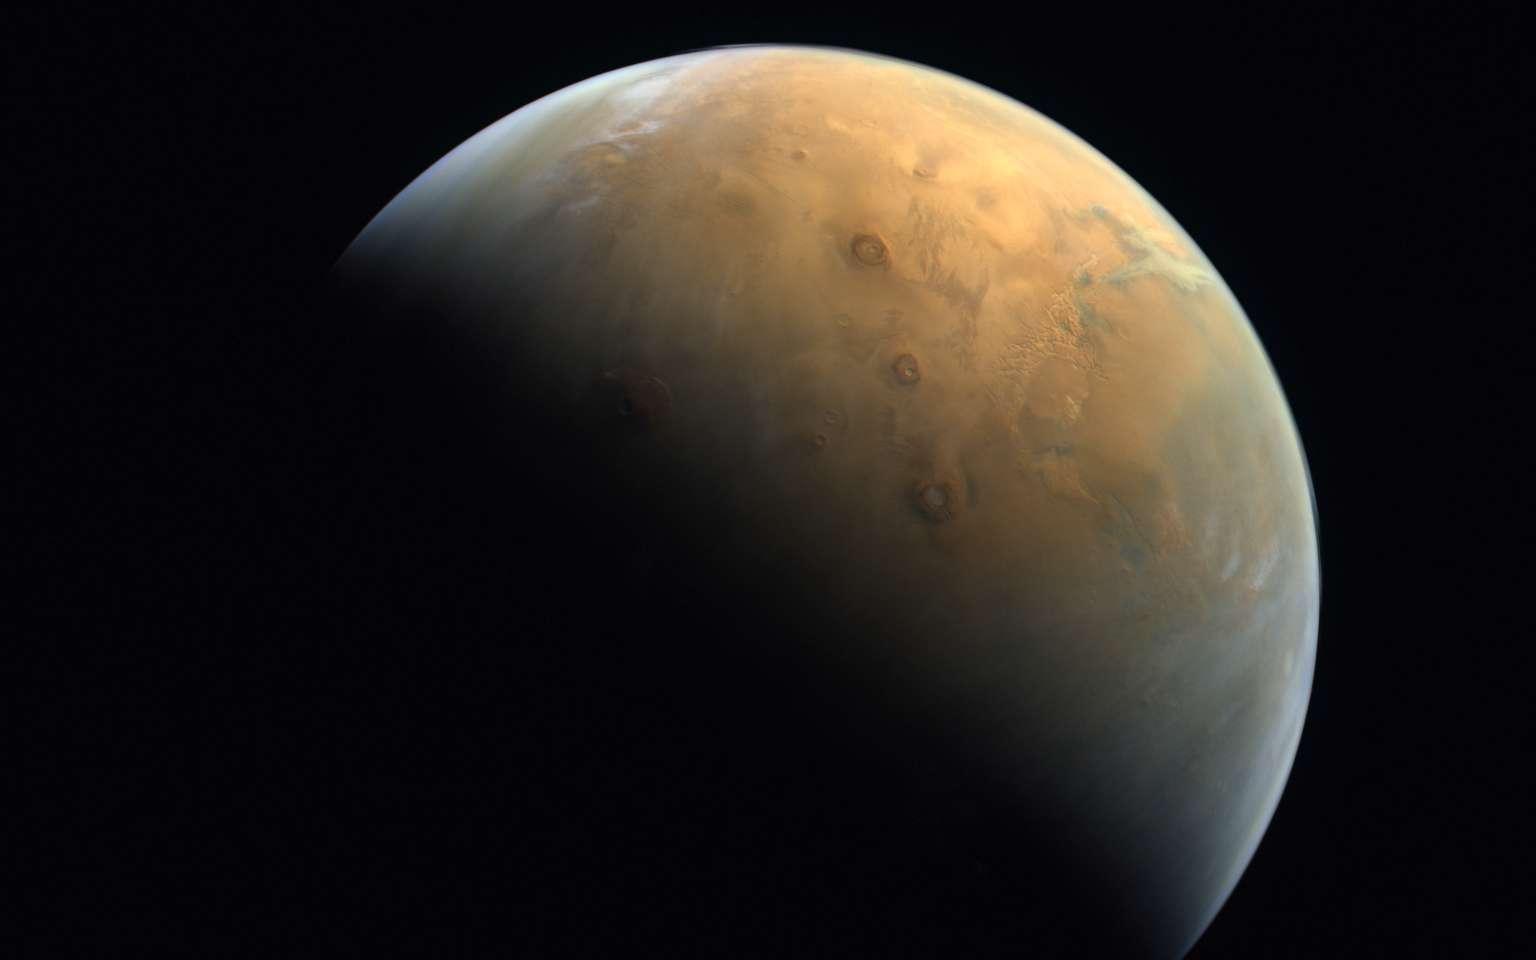 Première photo de Mars prise par la sonde Hope des Émirats arabes unis. © MRSBC